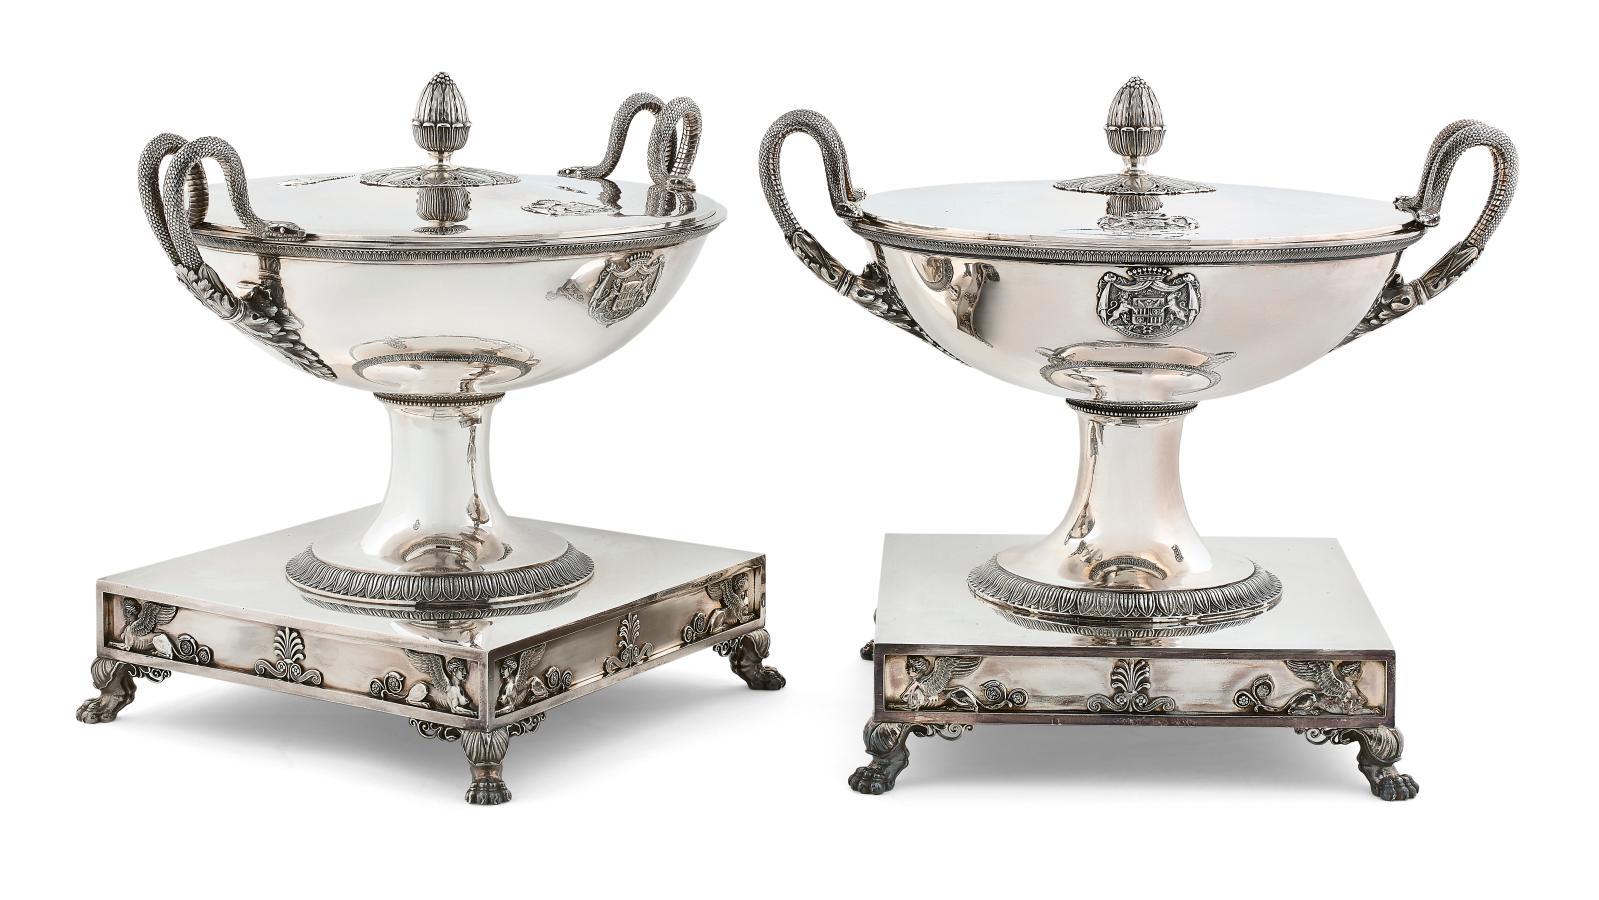 Jean-Baptiste-Claude Odiot (1763-1850), paire de soupières (reproduites) et paire de coupes à entremets couvertes en argent, les côtés app